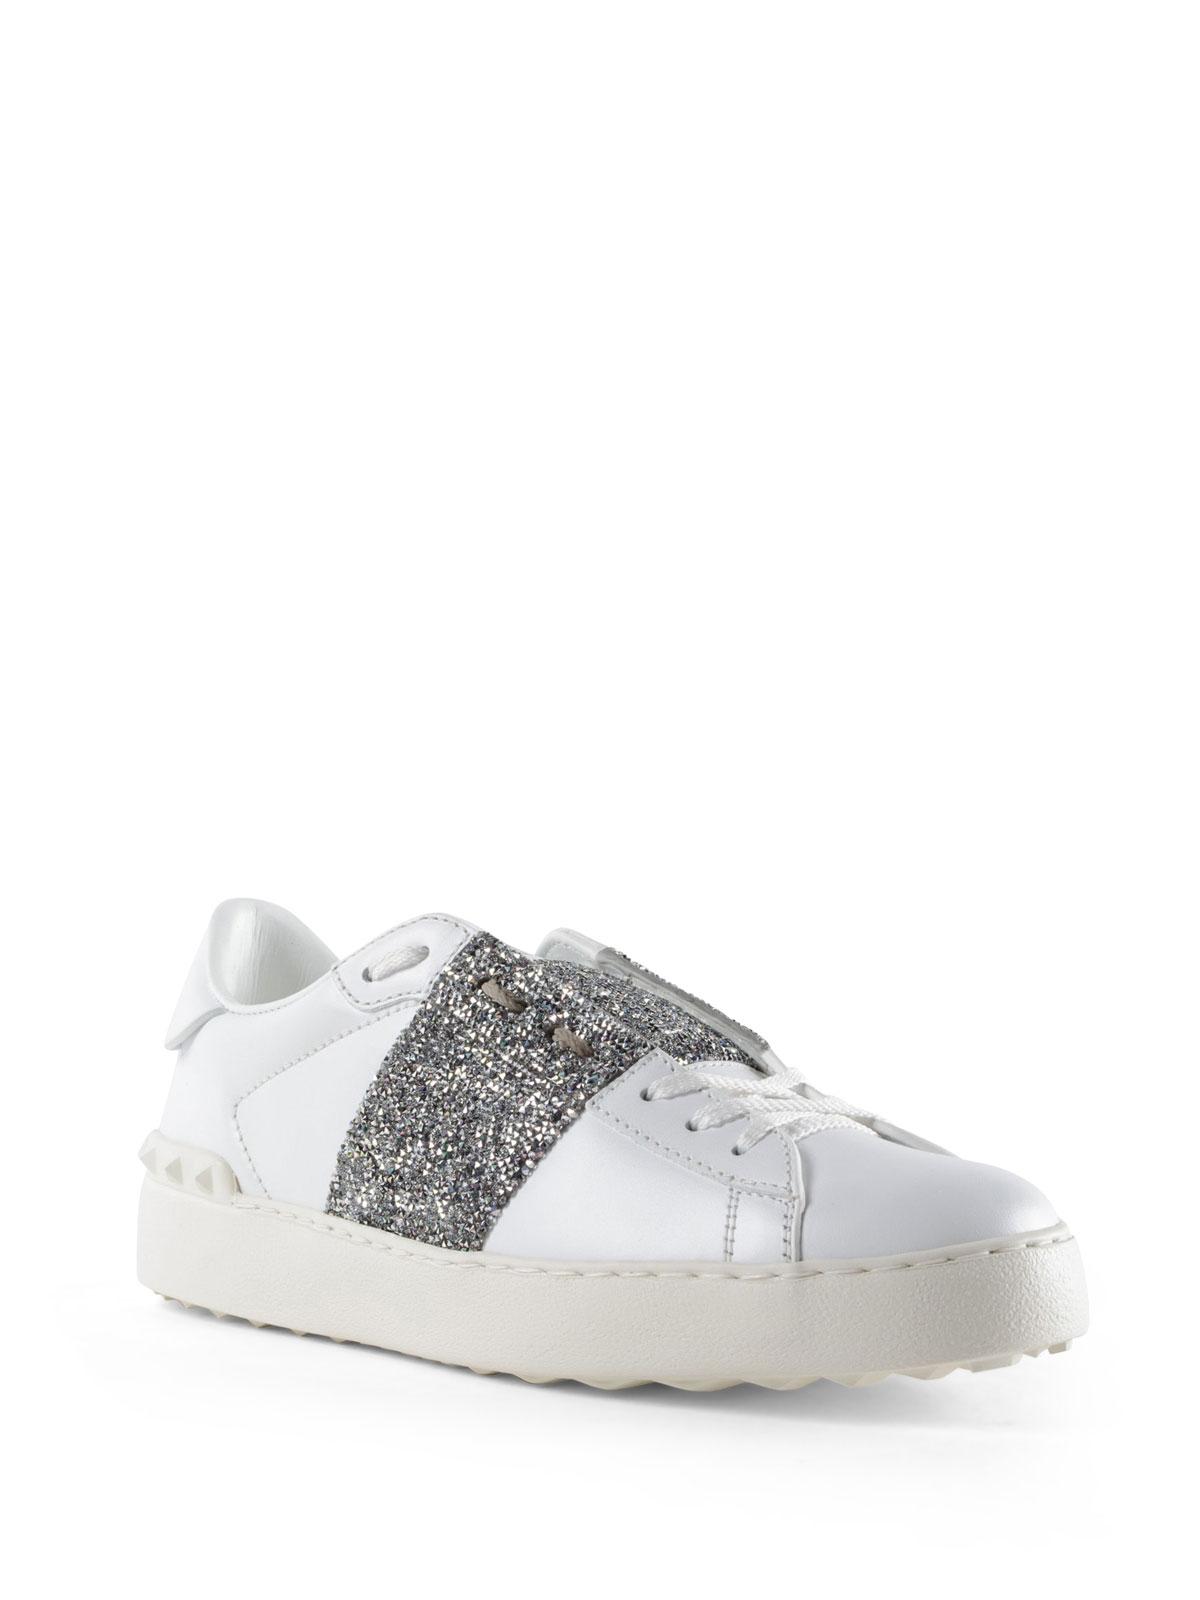 VALENTINO GARAVANI  sneakers online - Sneaker Open con banda glitter argento 9ebdeb126a6